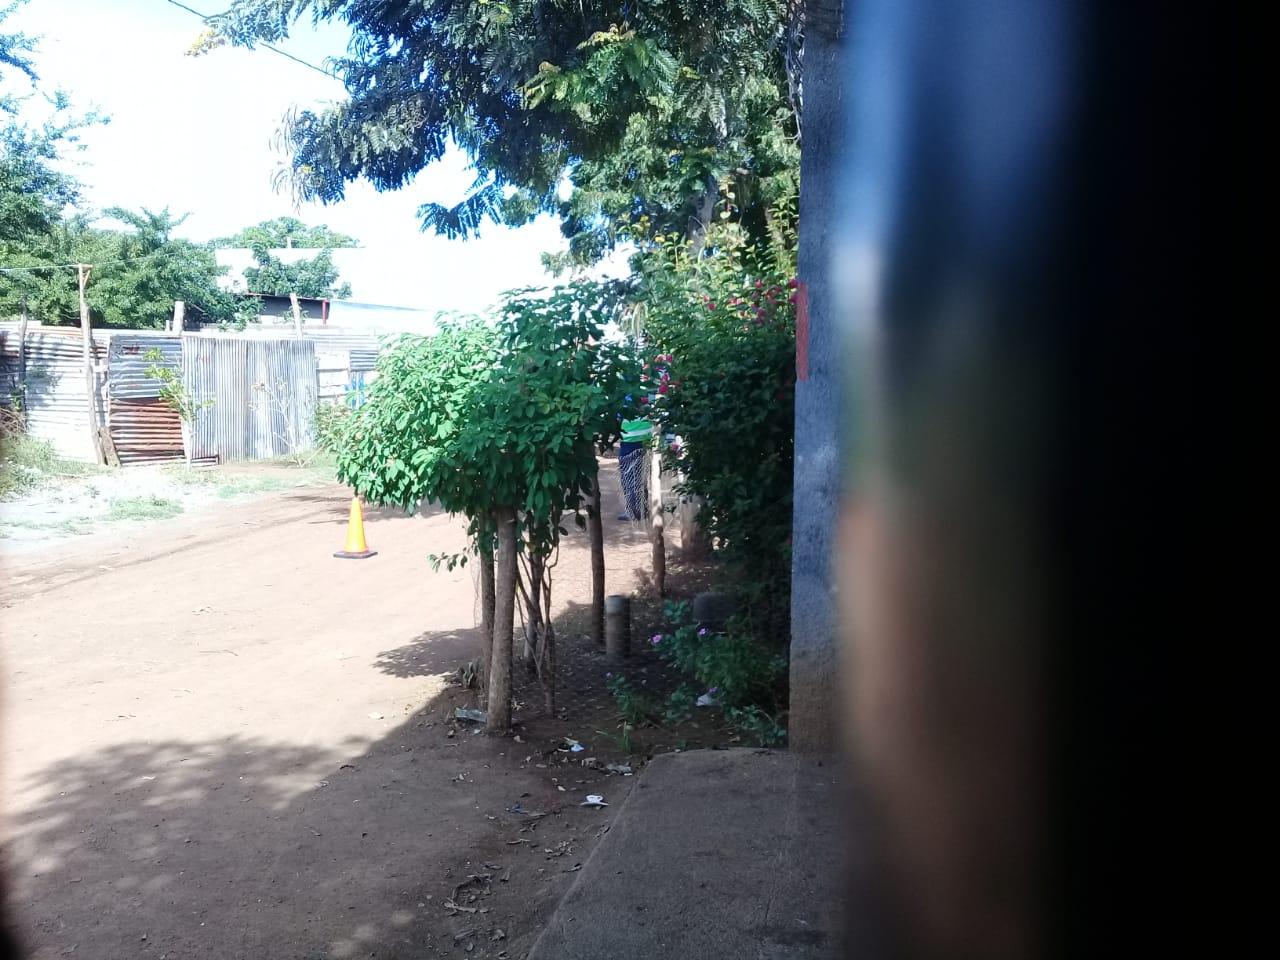 Los oficiales se apostaron alrededor de la casa de la defensora de derechos humanos. Foto: Cortesía / Artículo 66